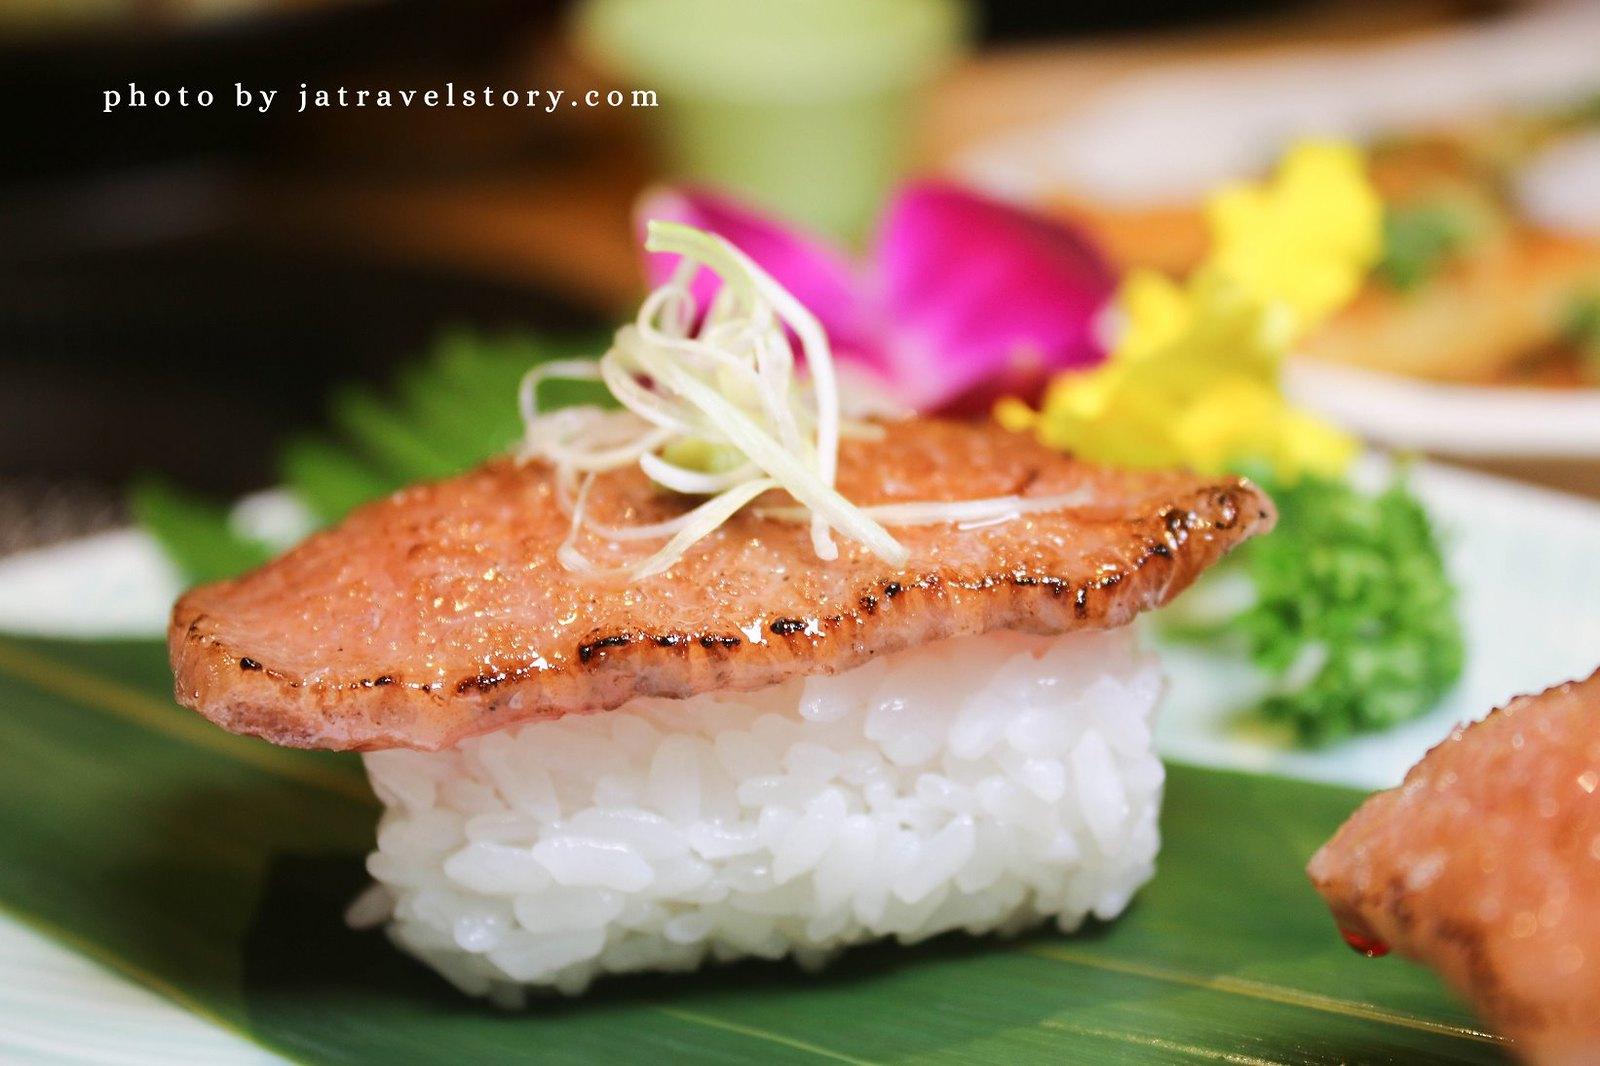 燒肉的名門赤虎 冷藏手切燒肉肉質鮮美,燒肉套餐份量十足!【內湖美食】 @J&A的旅行